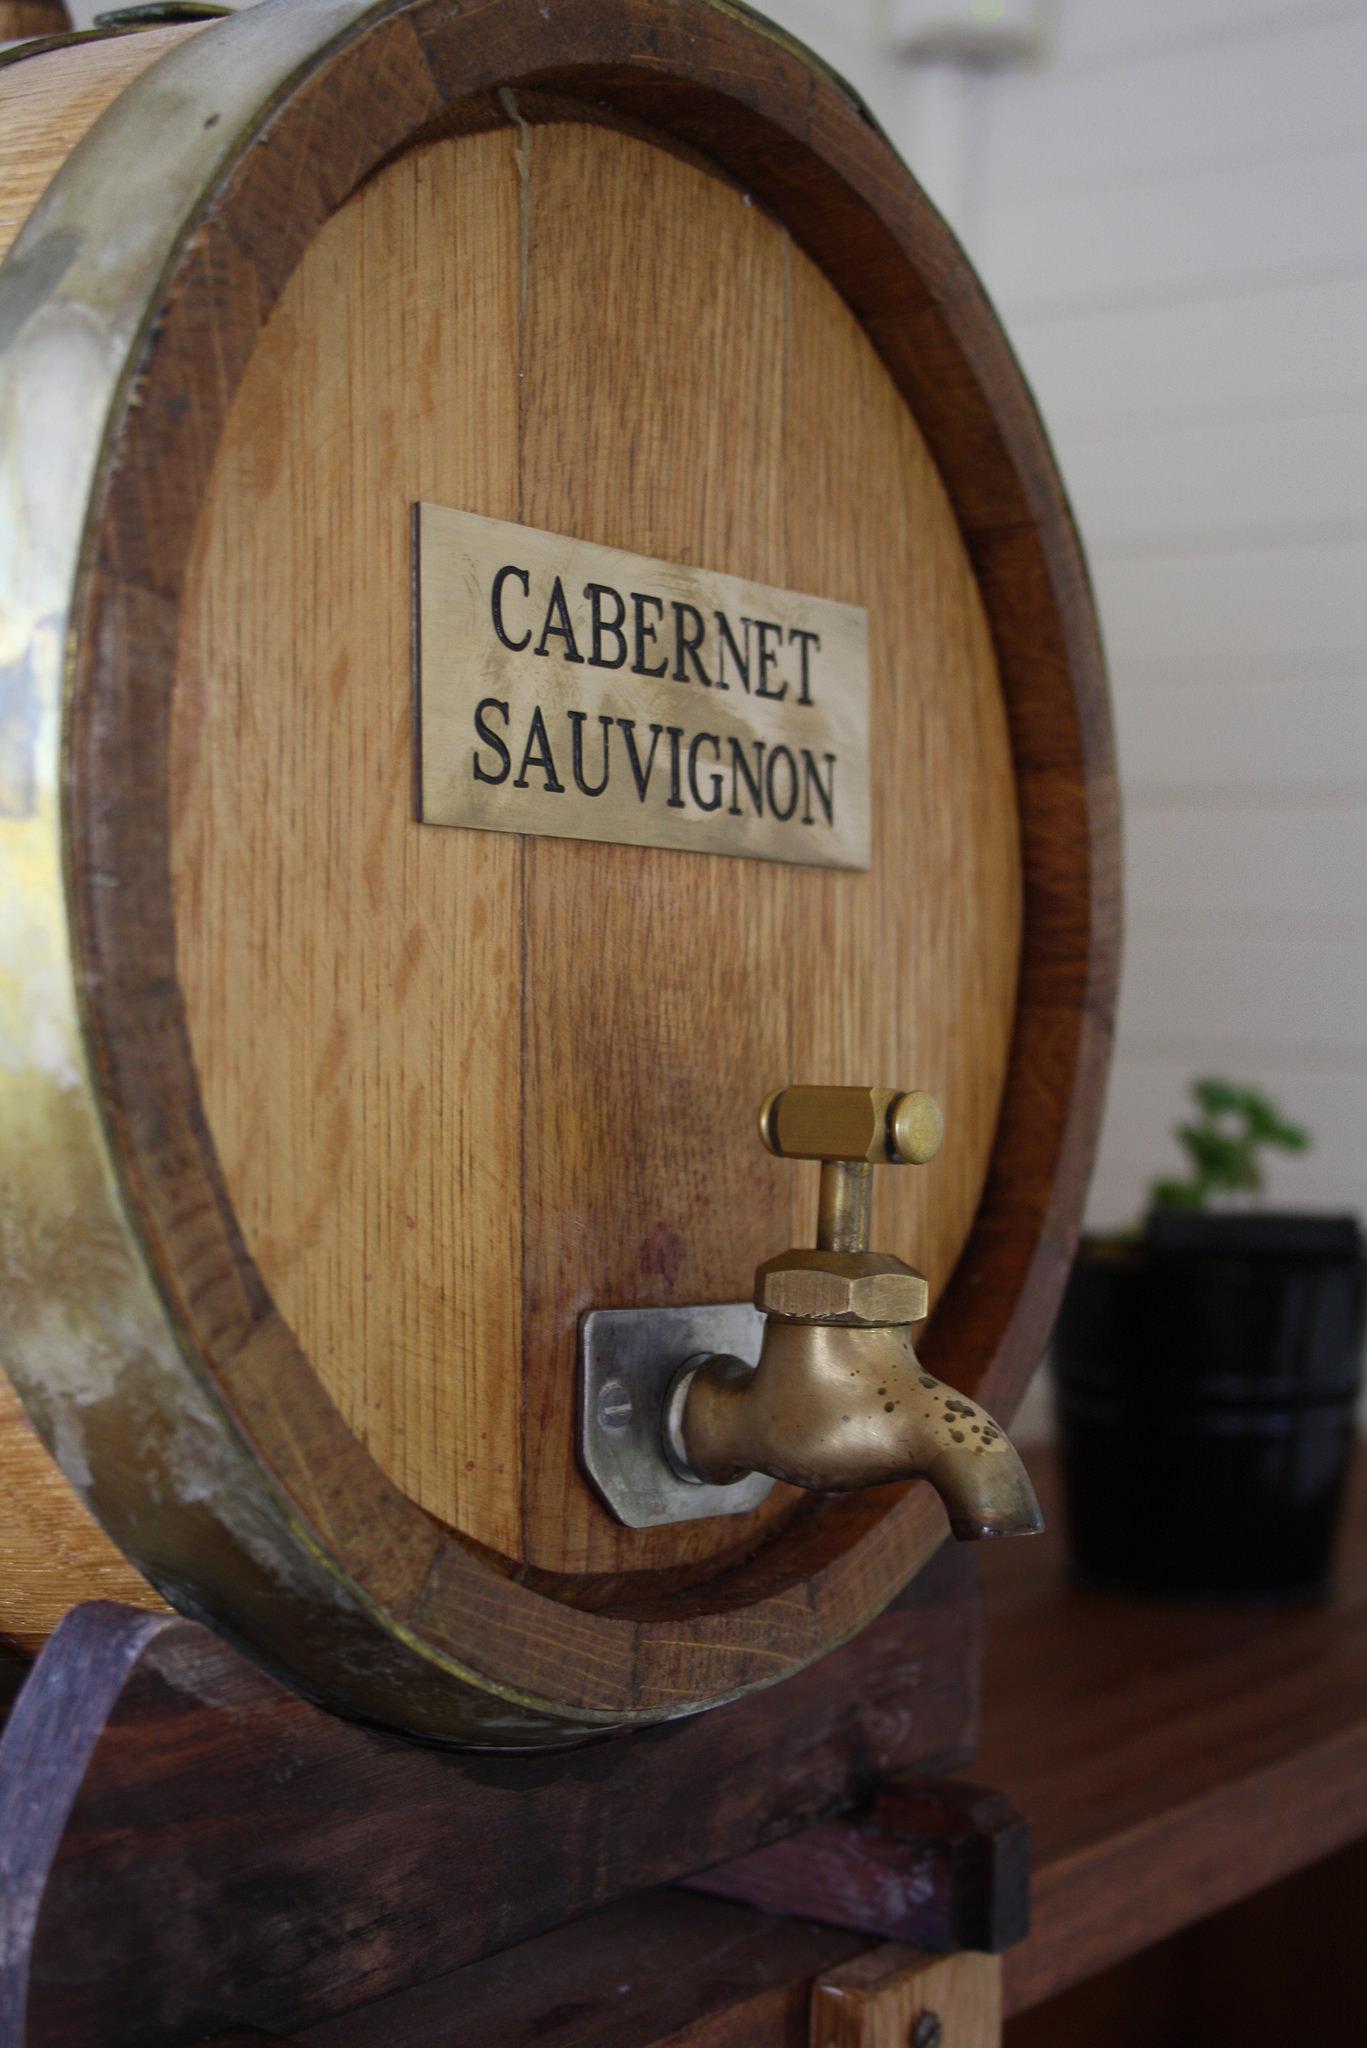 #embracehappy wine